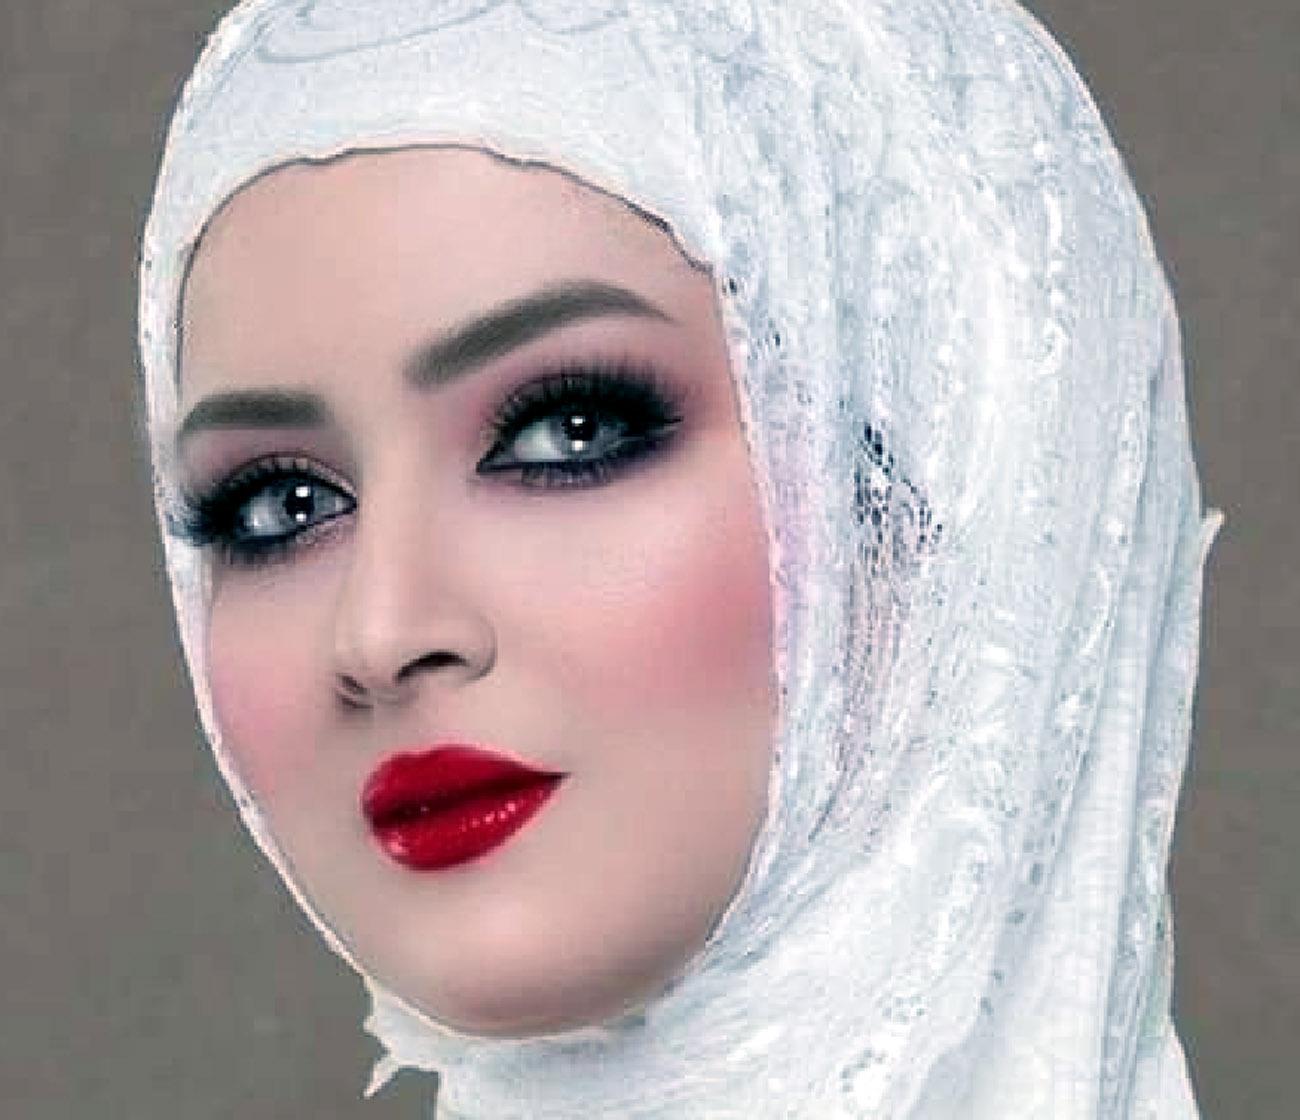 ابحث عن زوجة غنية تريد الزواج 2020 بحث عن زوجة ثرية سيدة